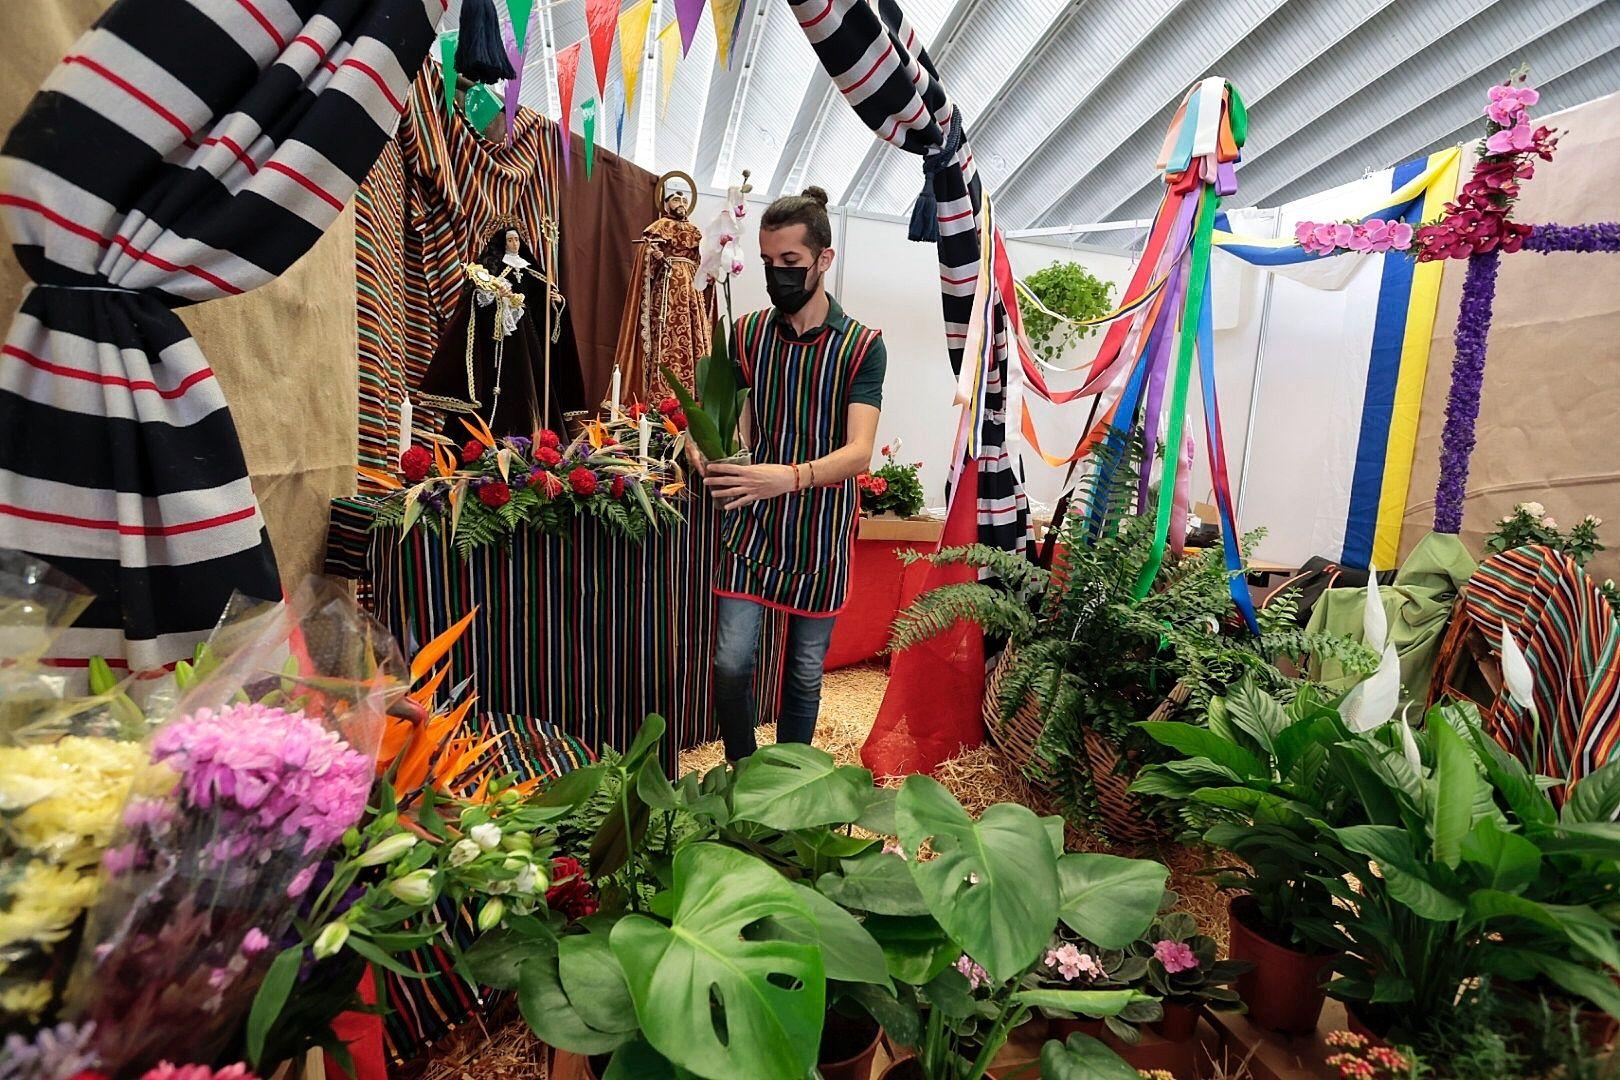 Exposición de Flores, Plantas y Artesanía